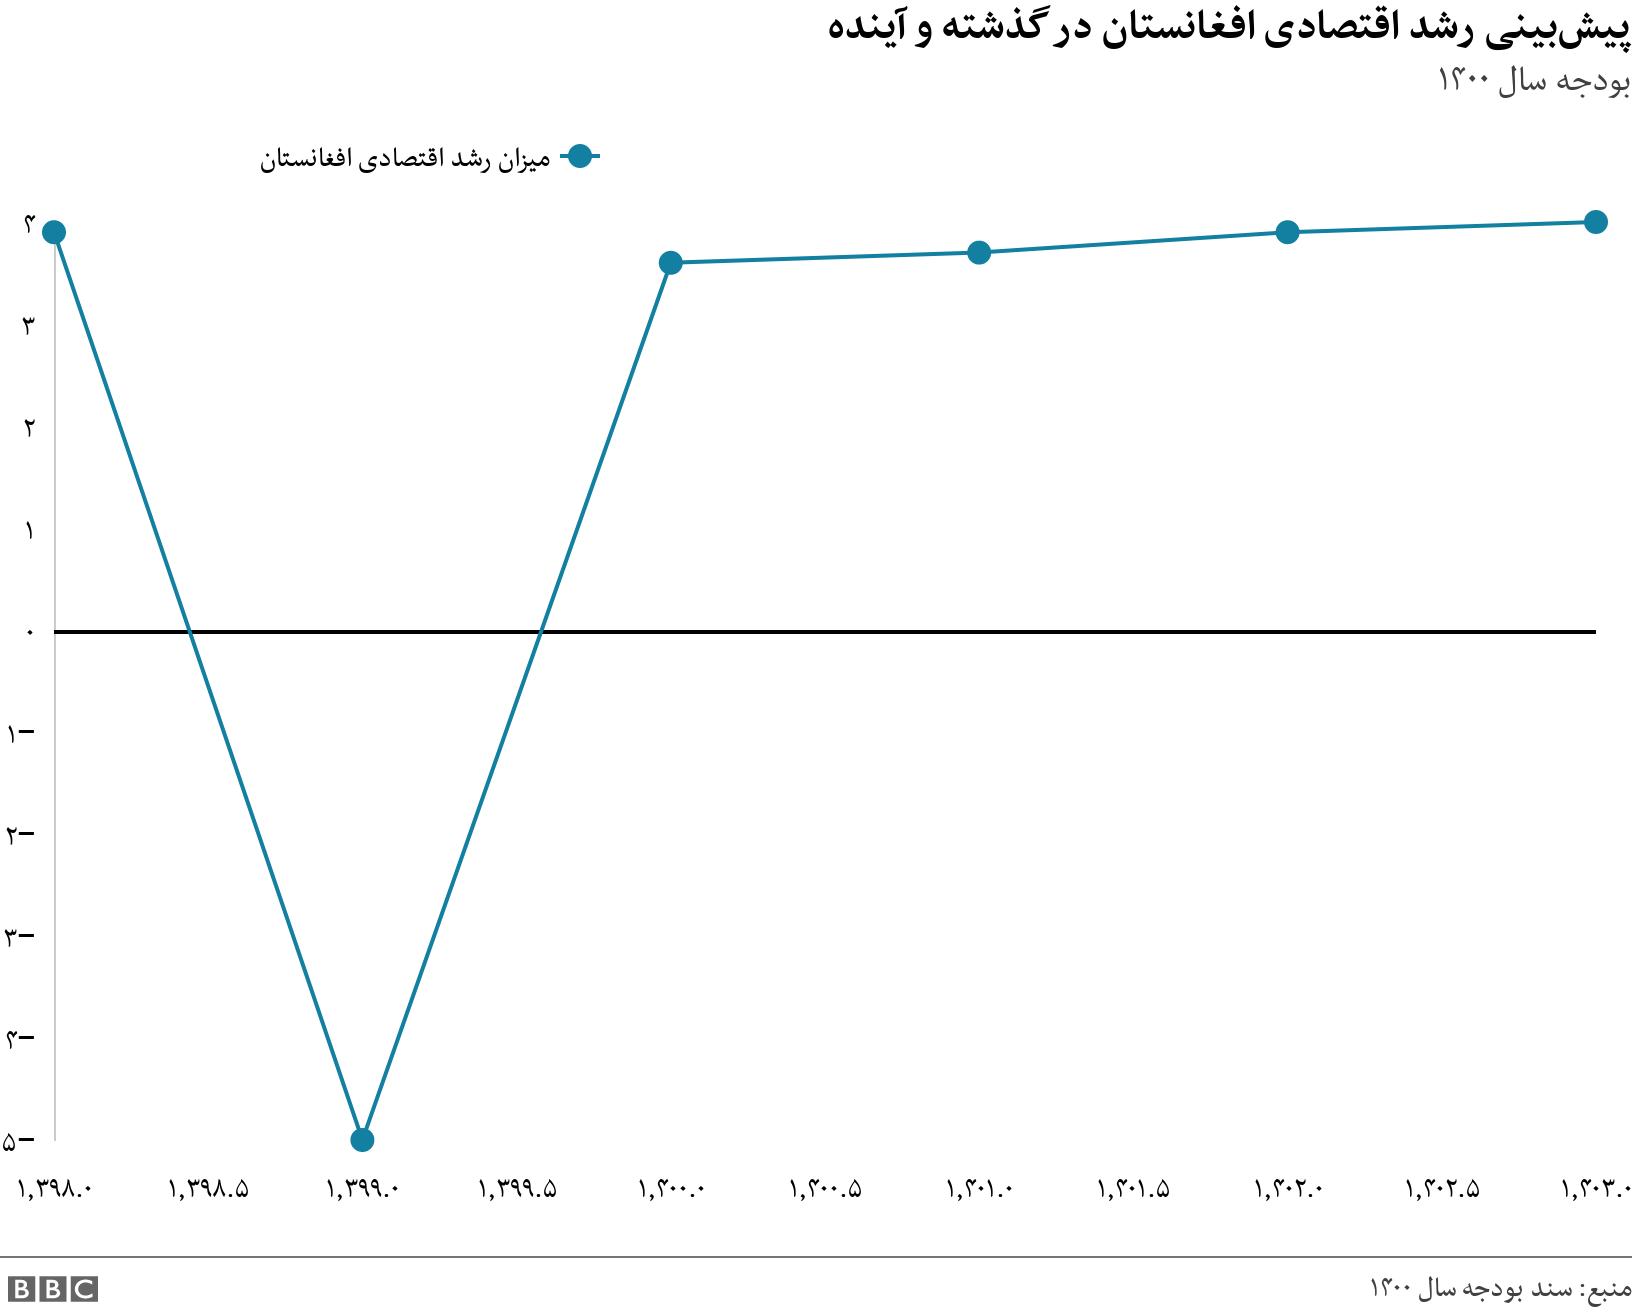 پیشبینی رشد اقتصادی افغانستان در گذشته و آینده . بودجه سال ۱۴۰۰. .